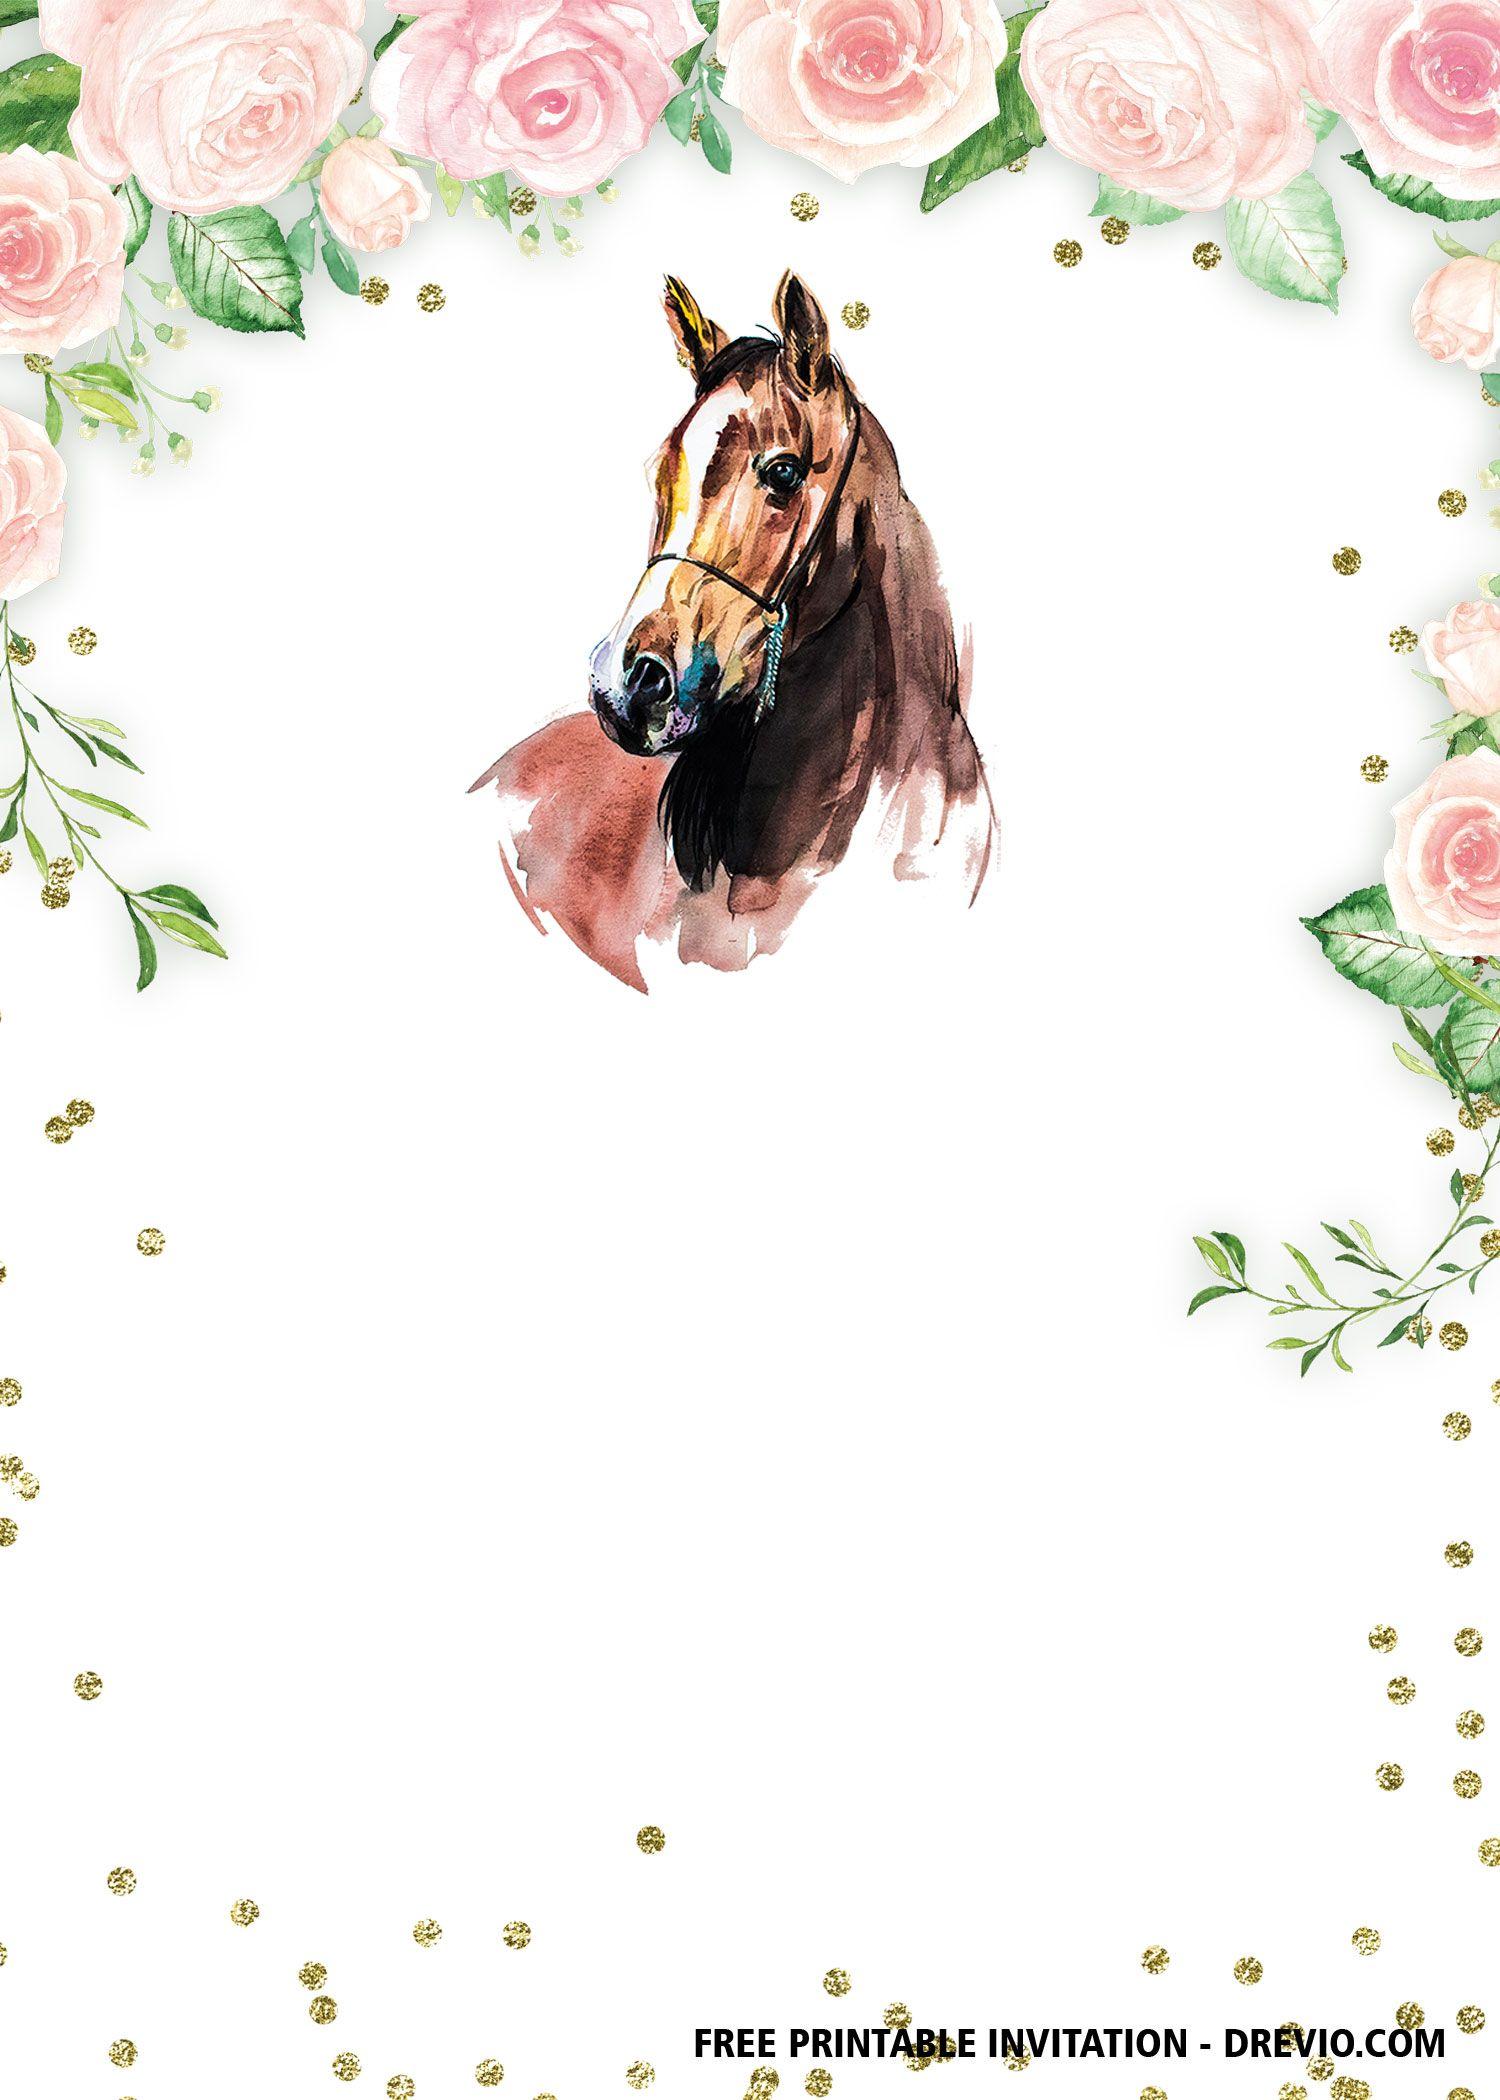 free printable horse floral vintage